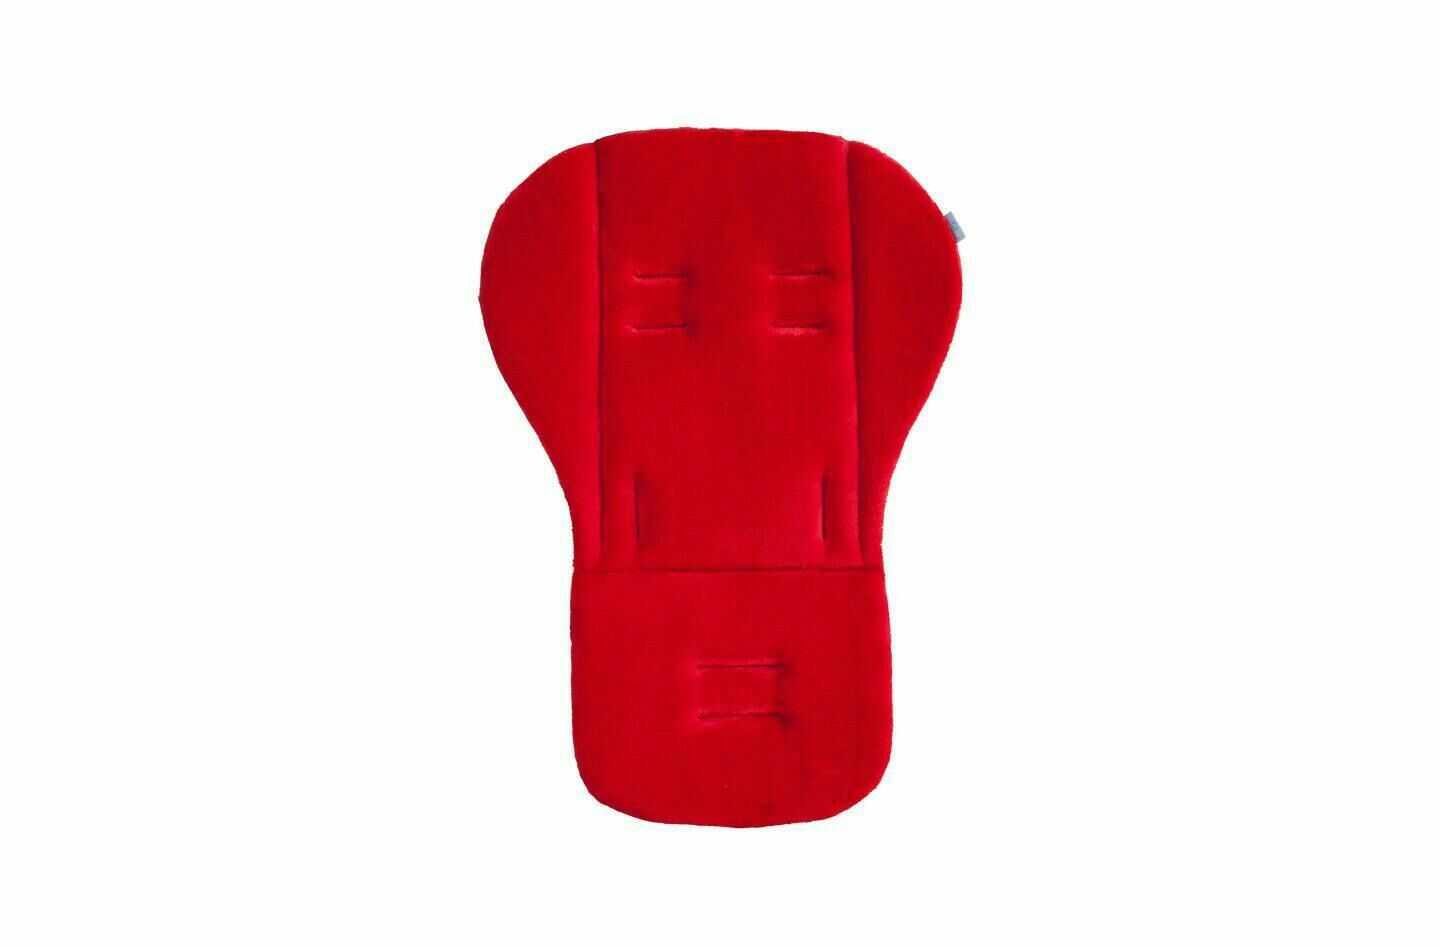 Nakładka redukująca nacisk Moris czerwona TDWPM-14 do wózka fotelika